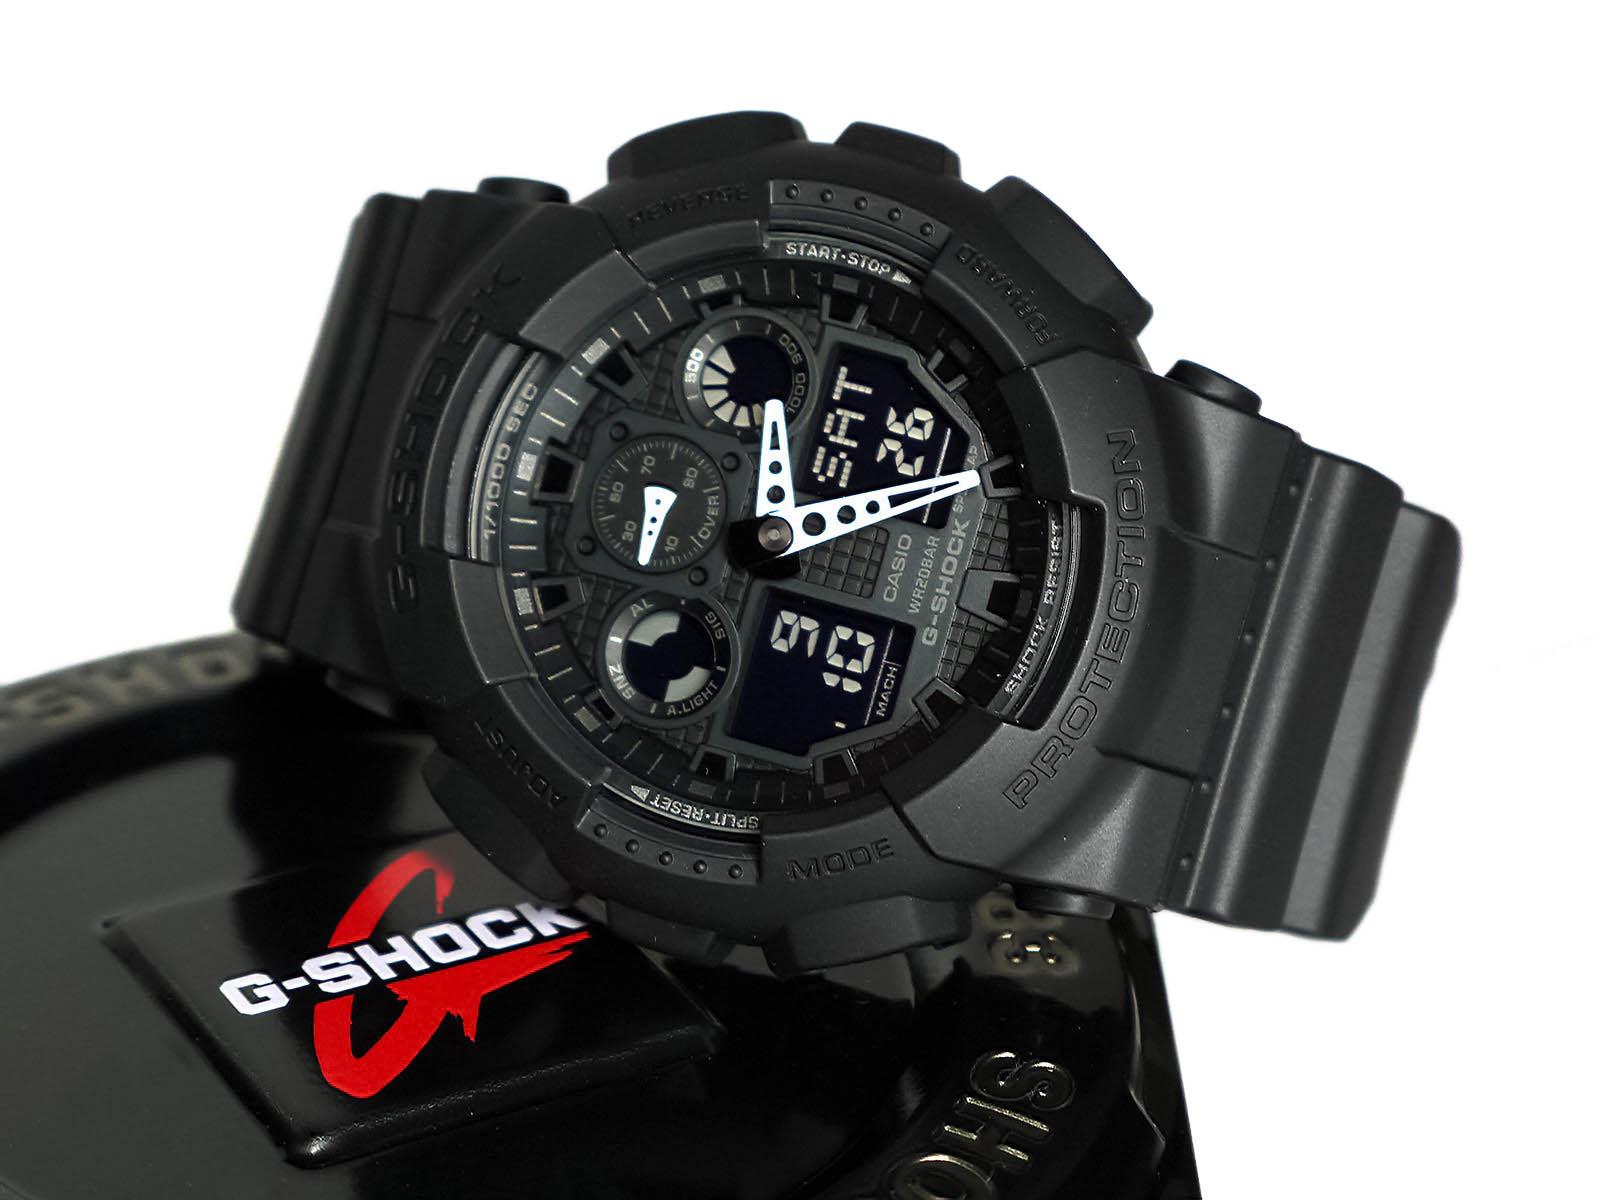 2f41f8fa1f36 Casio GA-100-1A1 G-Shock Watch ⋆ High Quality Watch Gallery